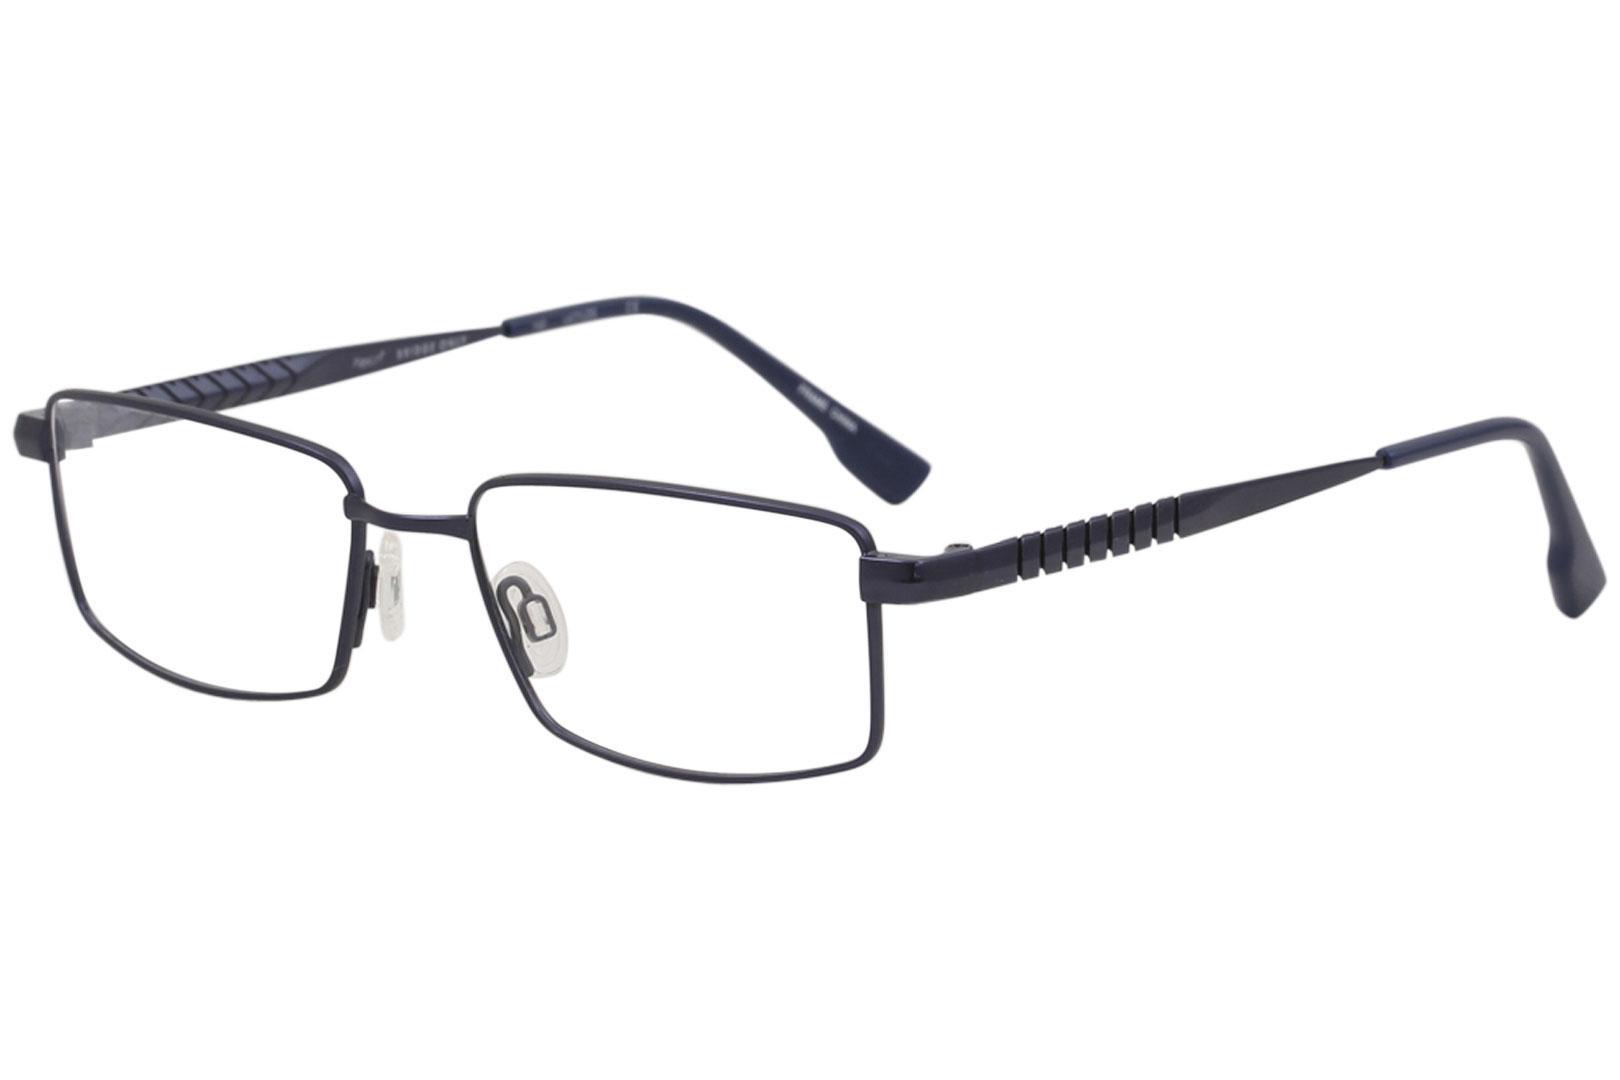 1fbe1242d0 Flexon Men s Eyeglasses E1012 E 1012 Full Rim Optical Frame by Flexon.  Touch to zoom